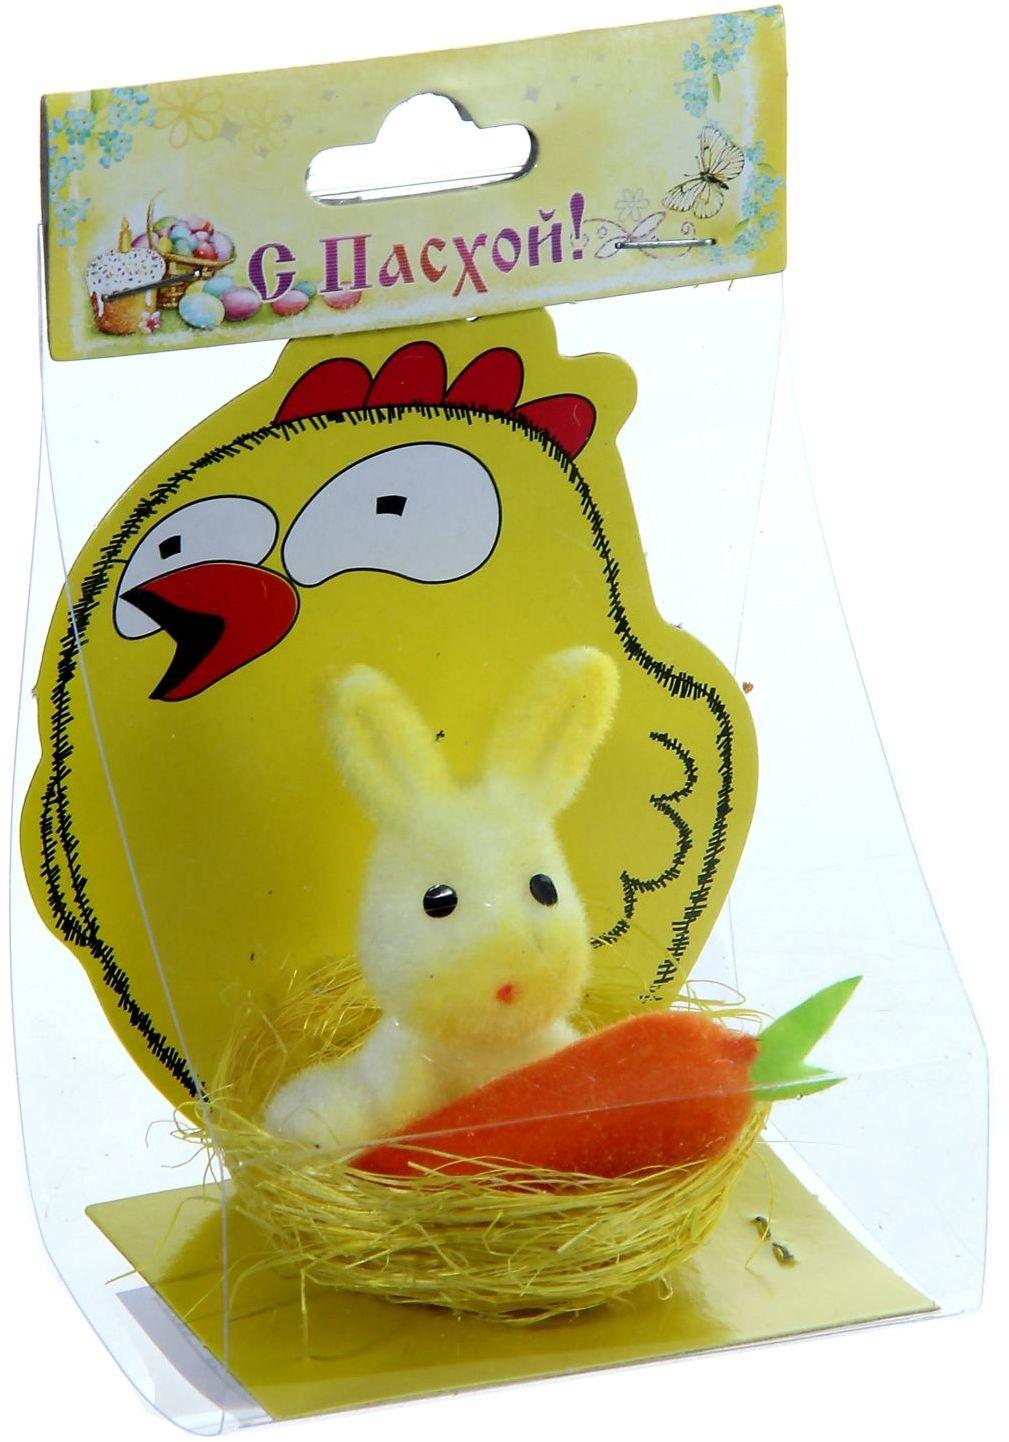 """Пасха – самый светлый семейный праздник со своими традициями, обычаями и, конечно же, символами.Самый светлый весенний семейный праздник, конечно, Пасха. Симпатичные цыплята и курочки с расписными яйцами в корзинках украшают столы в этот день вместе с традиционными блюдами и выпечкой.Перед вами сувенир """"Пасхальный кролик в корзинке"""" - не просто пасхальный декор, а символ плодородия. Добавит тепло и уют в светлое весеннее воскресенье.Напомните младшему поколению, что по традиции, зайчик оставляет в подарок хорошим послушным детям разноцветные яички и сладости в тайном местечке, а в каком именно решать вам."""